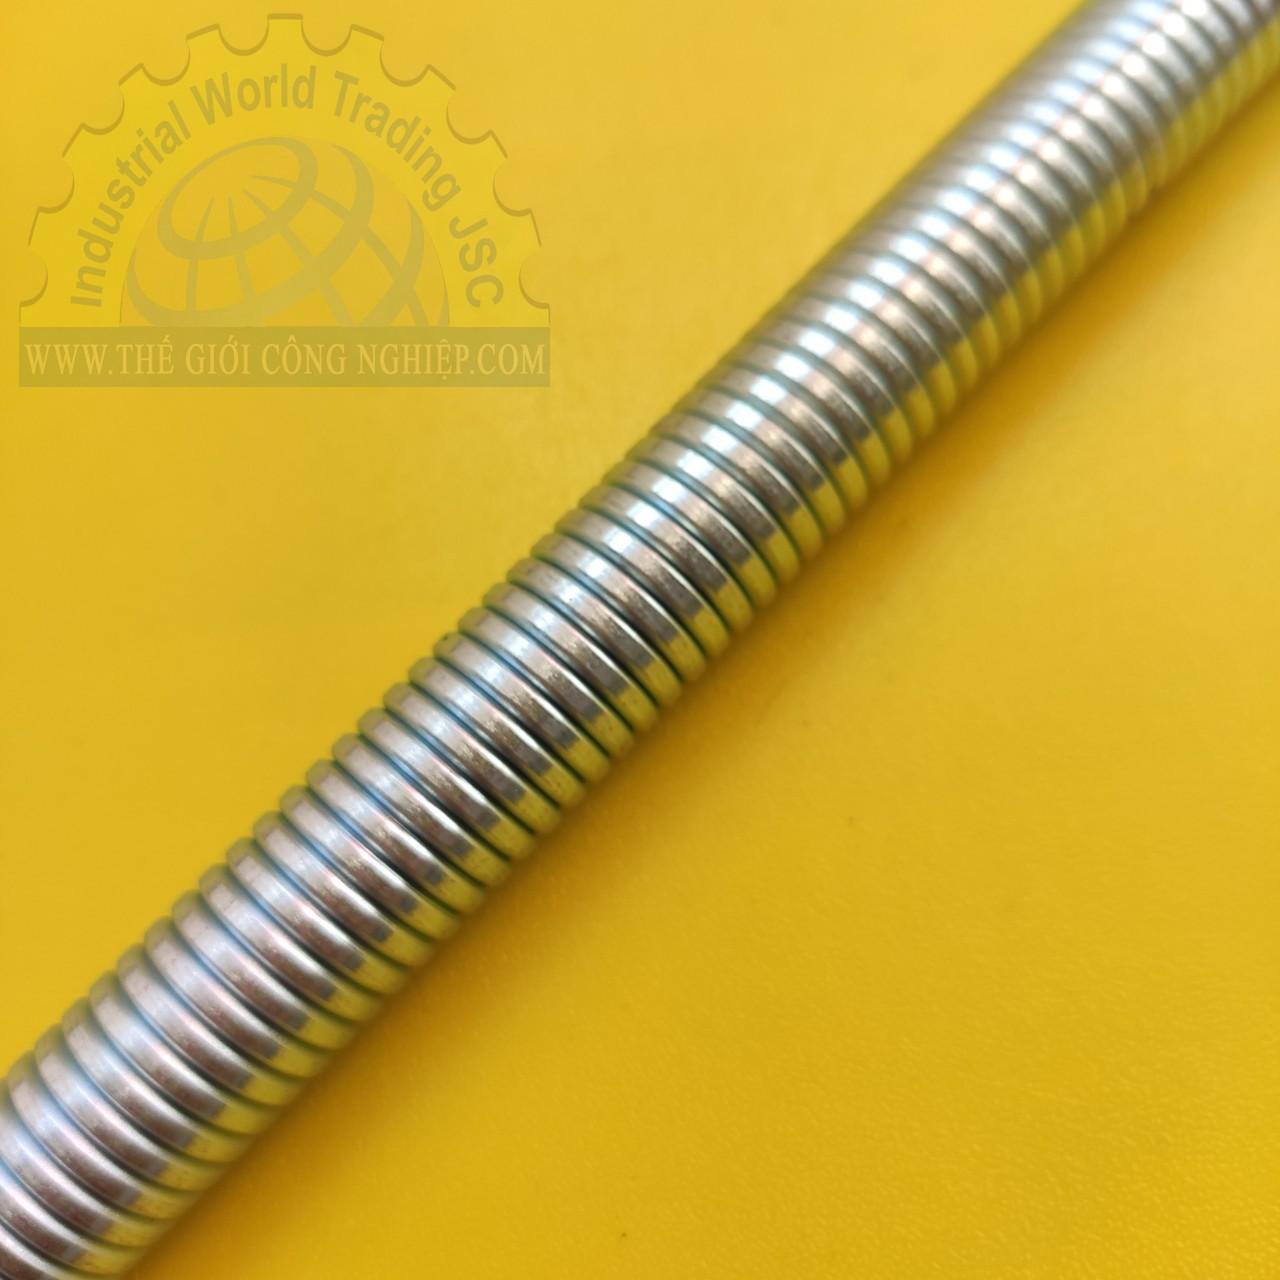 Lò xo uốn ống cứng đường kính 20mm, chất liệu thép không gỉ mạ xi Tienphatplastic TienPhatPlastic